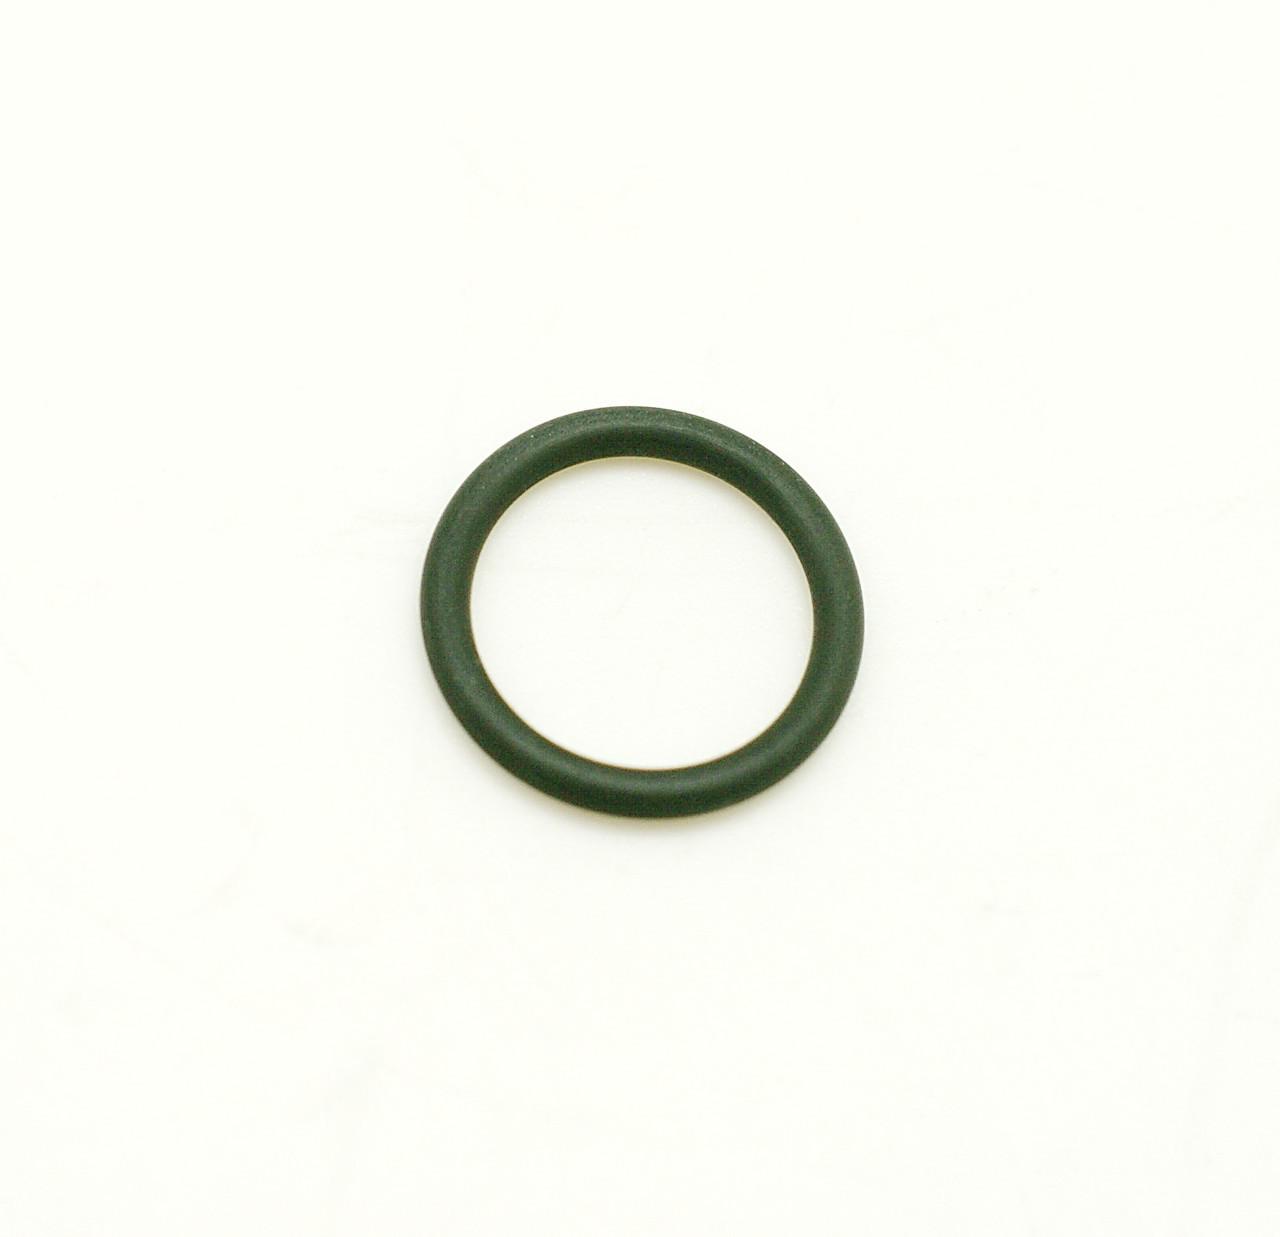 Уплотнительное кольцо (О-образное) ISBe 210-285 C3928624 3928624 С3928624